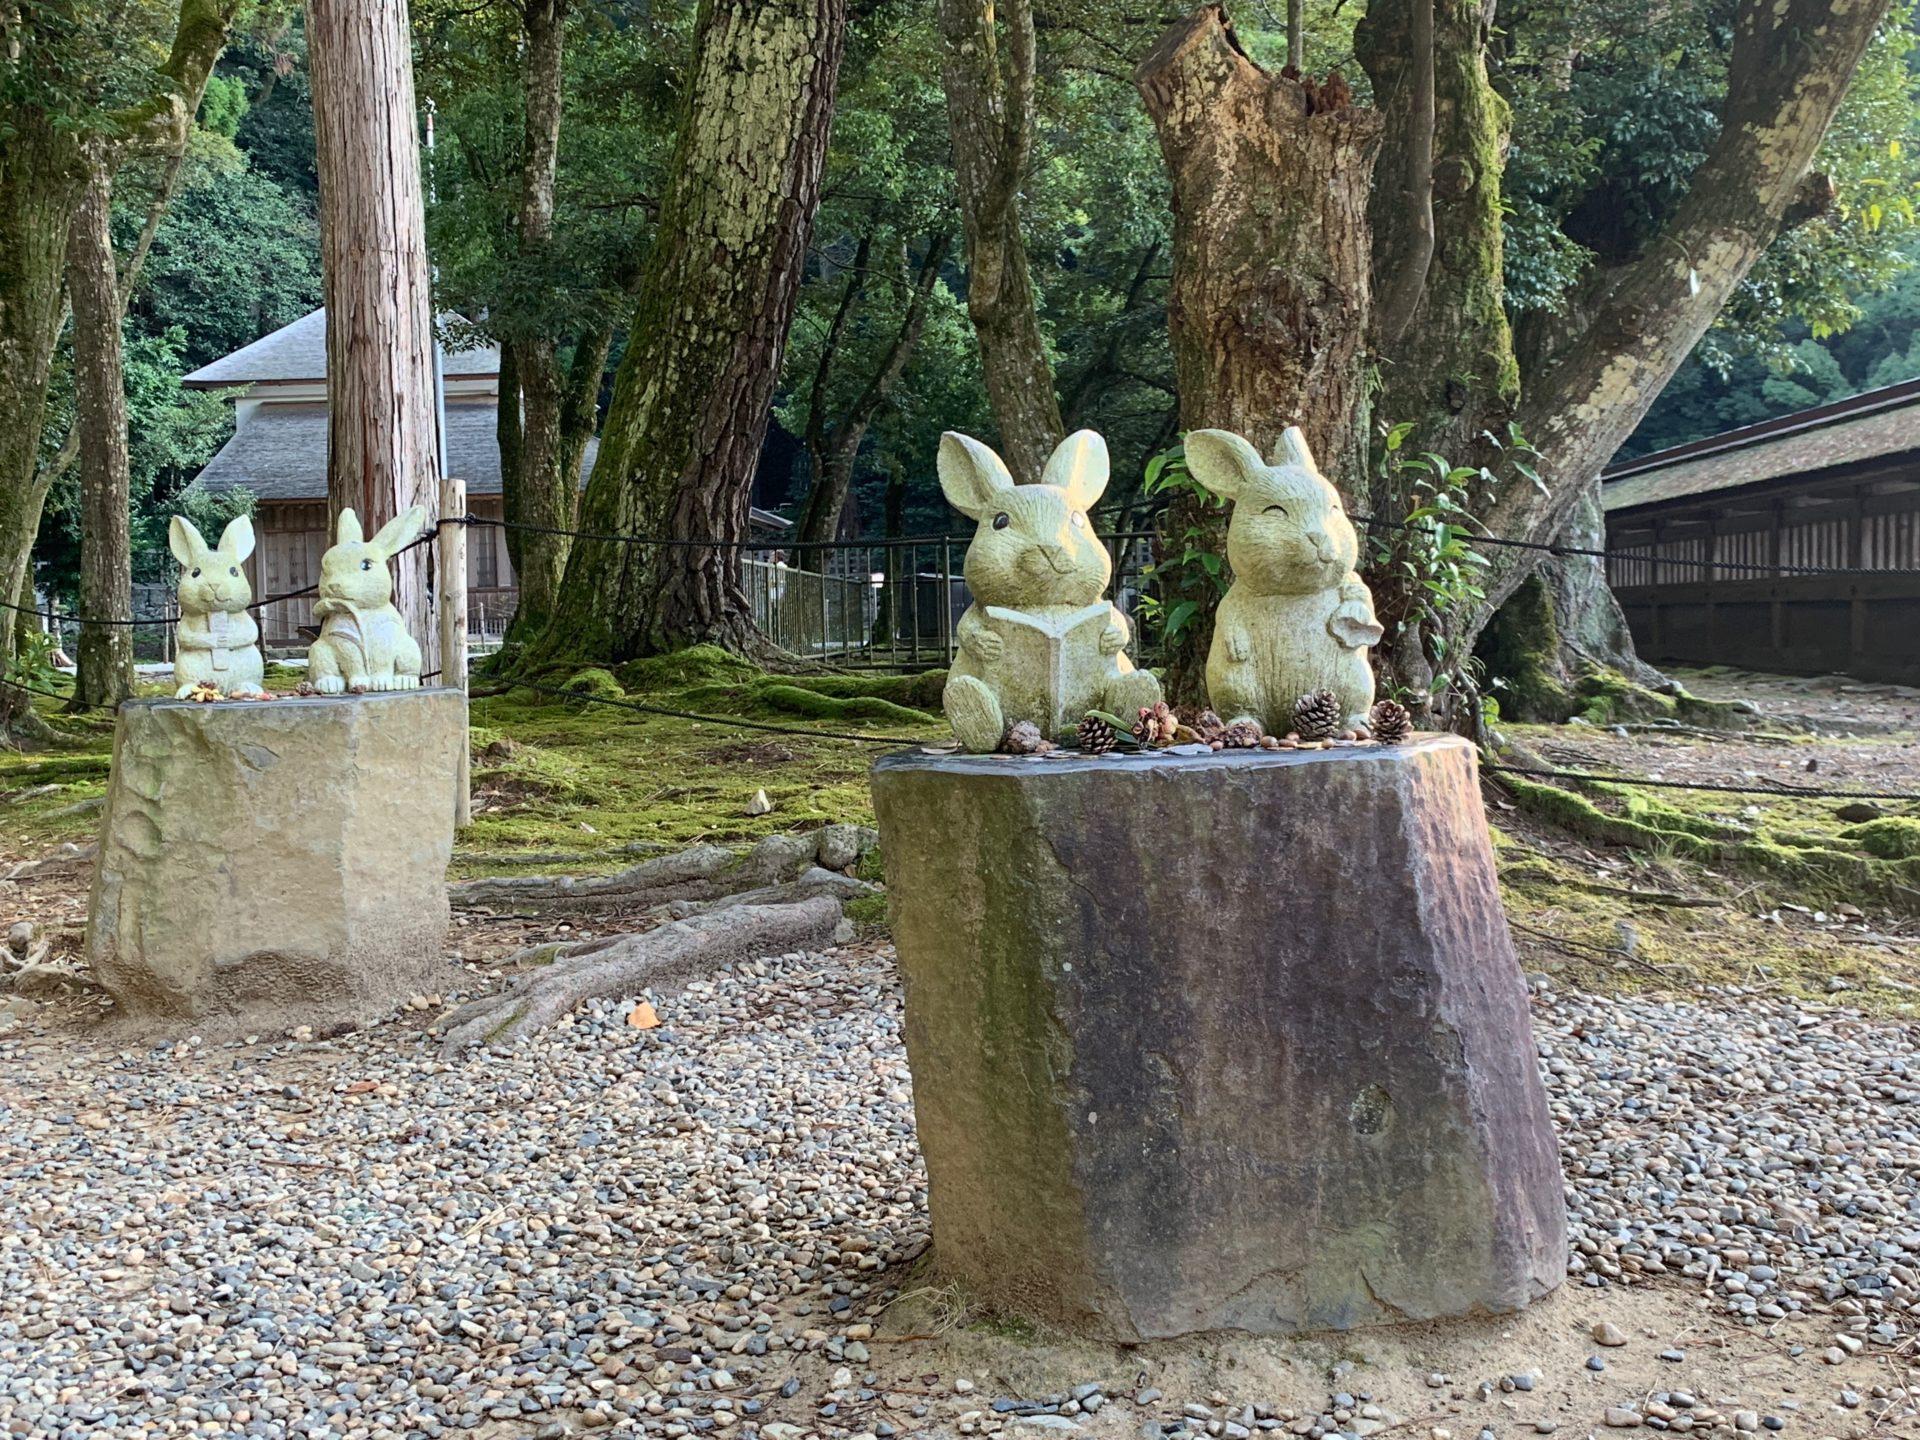 出雲大社本殿裏の白うさぎの像